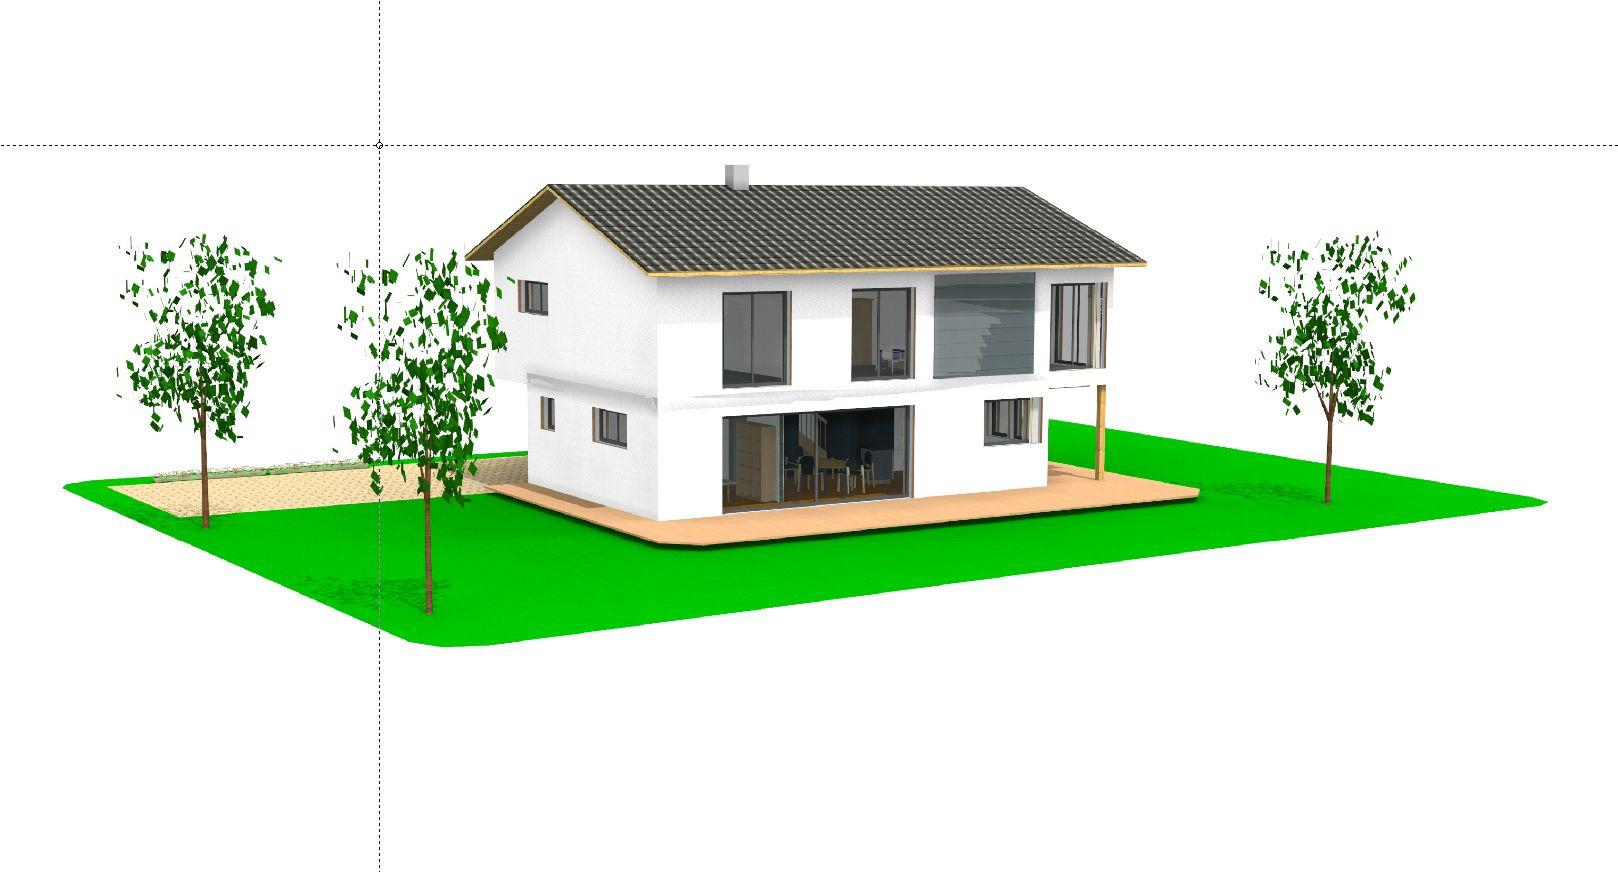 Link zum Planungsdetail 3 D